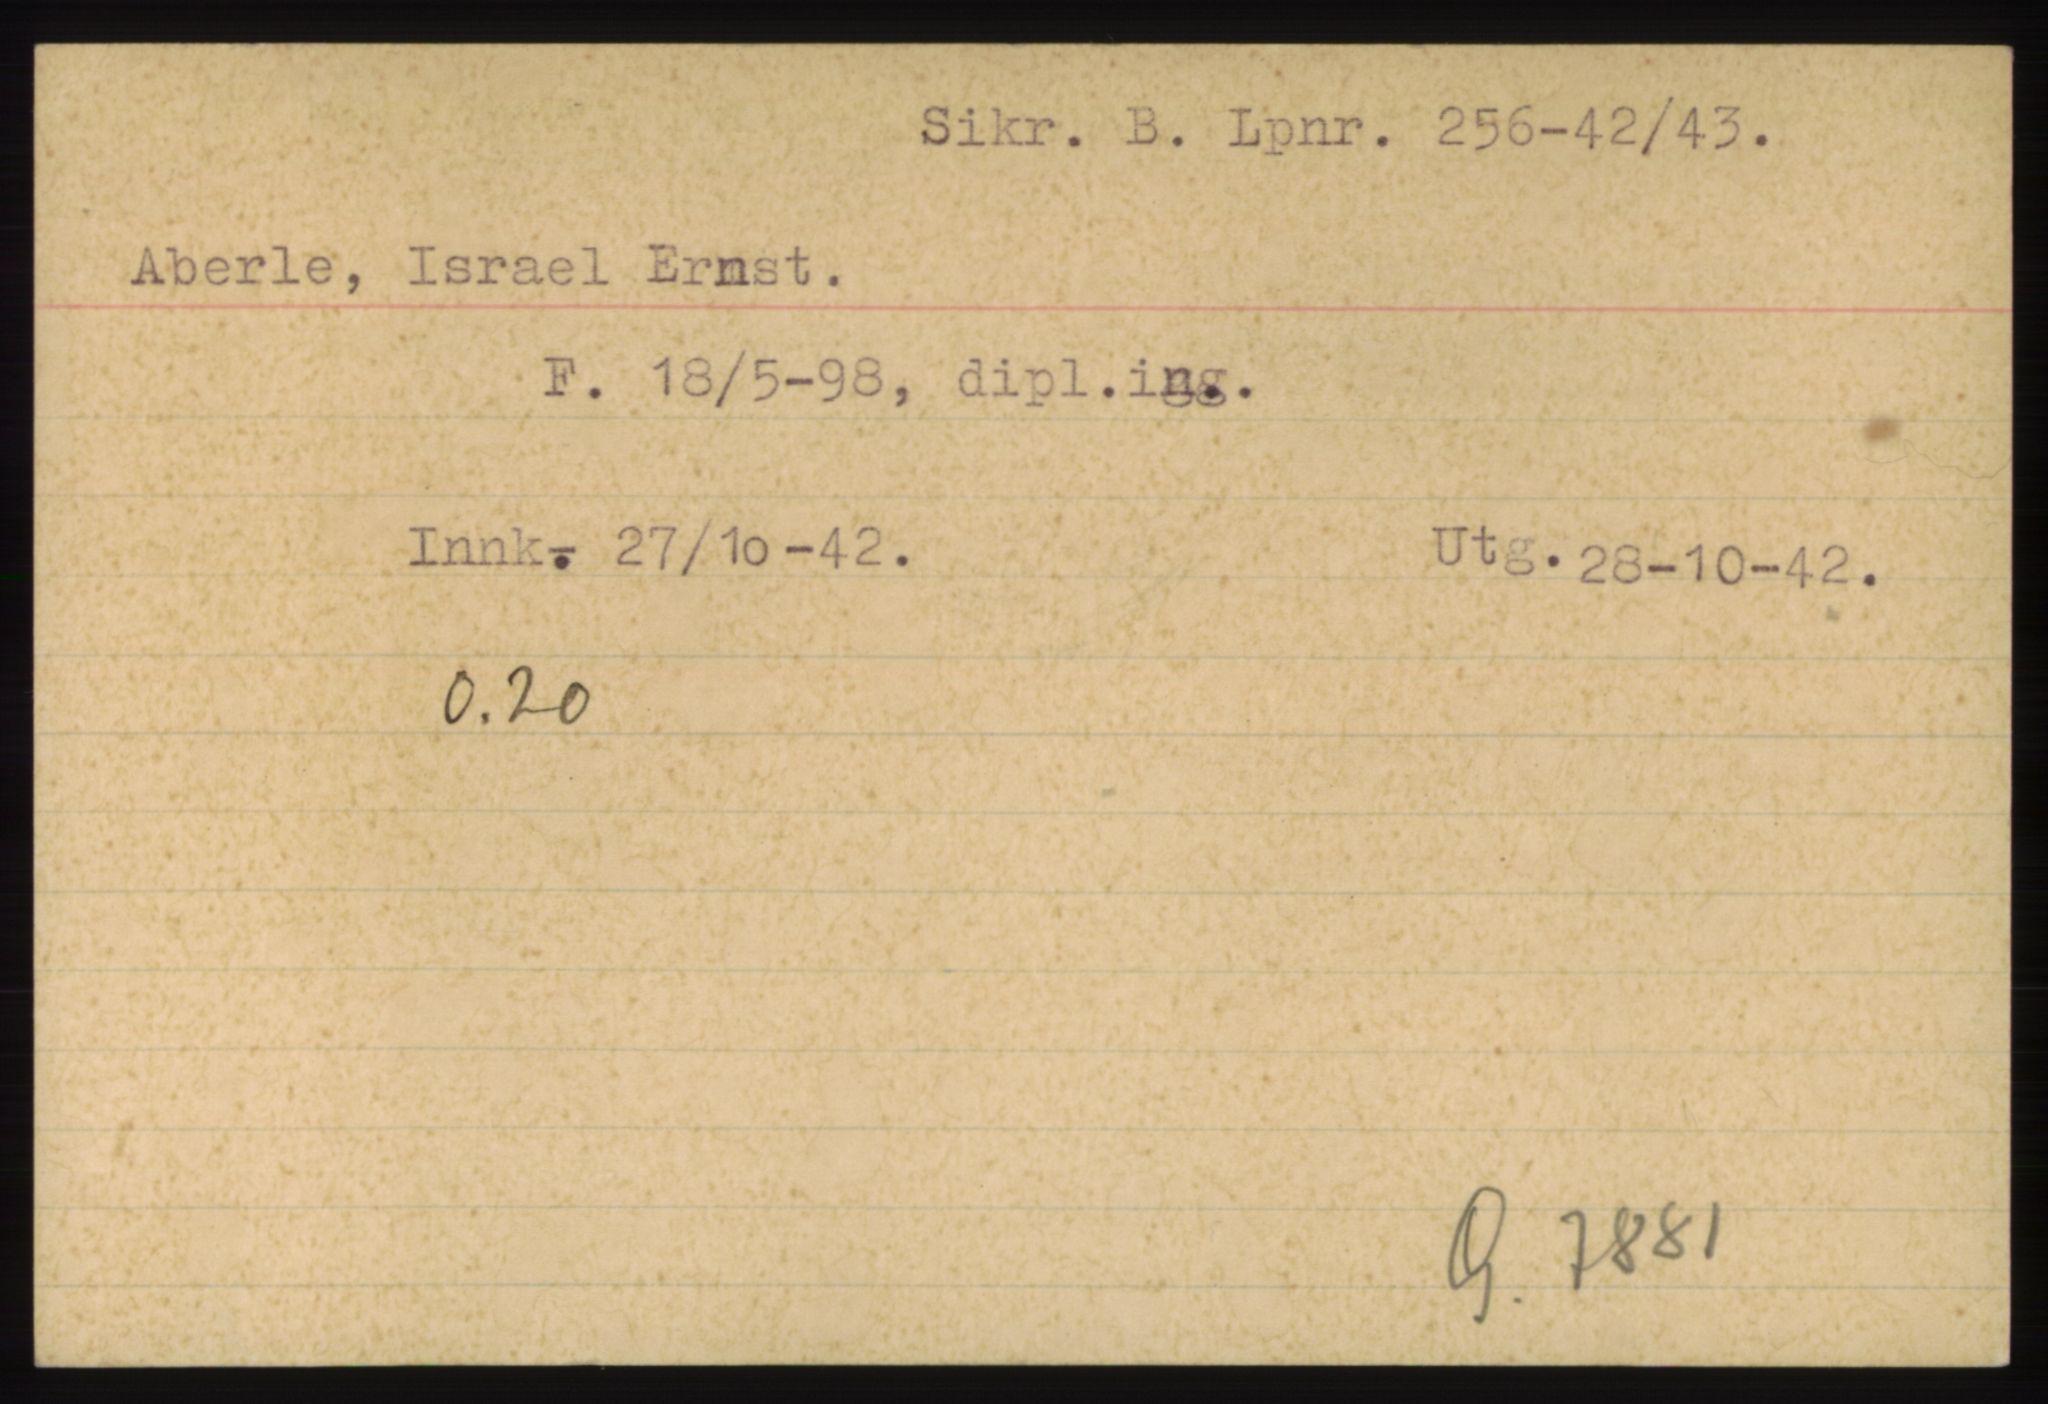 RA, Statspolitiet - Hovedkontoret / Osloavdelingen, C/Ck/Cke/L0002: Fangeregister A-F, 1941-1945, p. 1